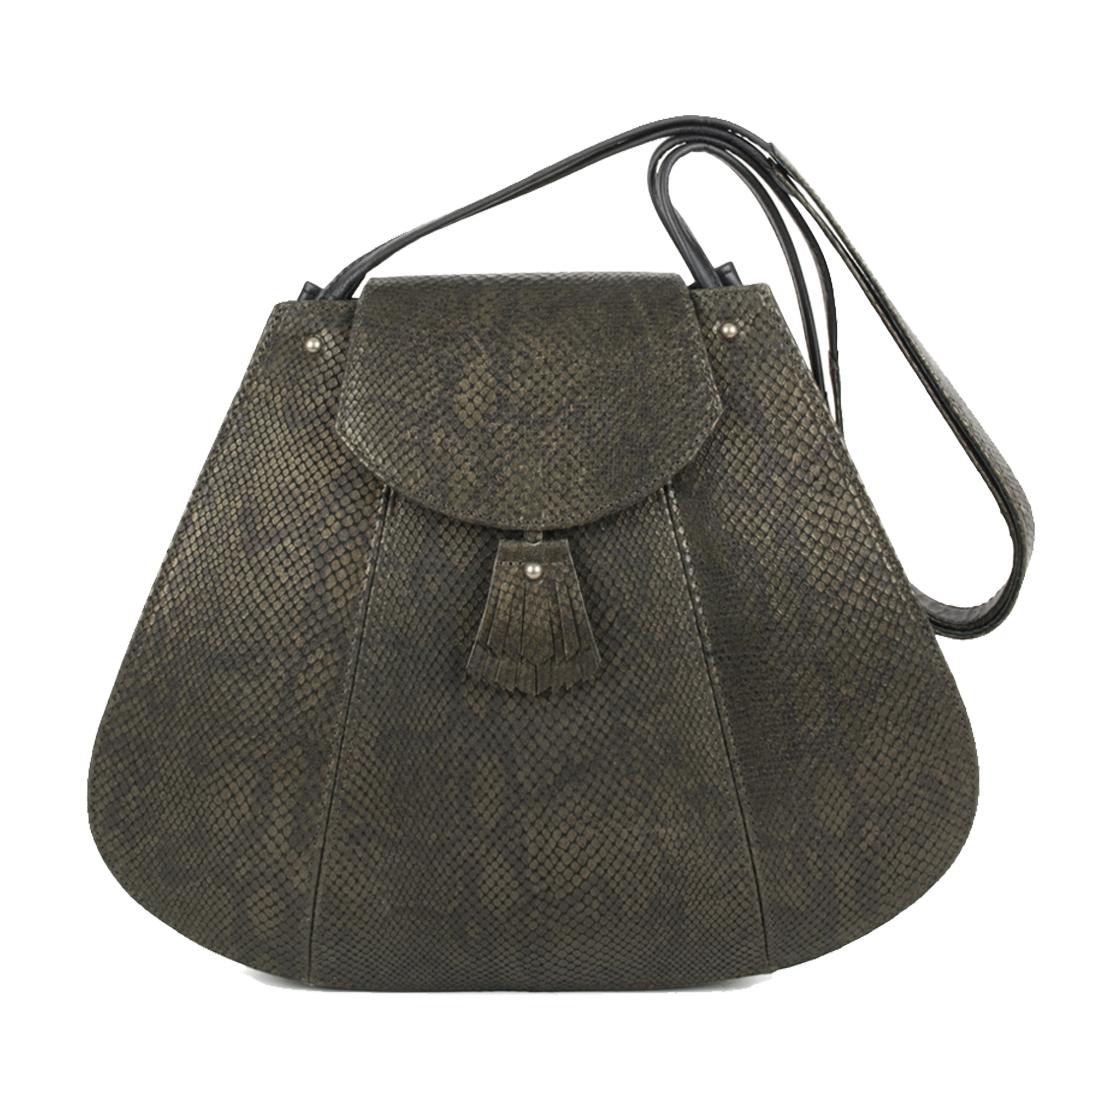 Frances Olive Snake Print Leather Shoulder Bag